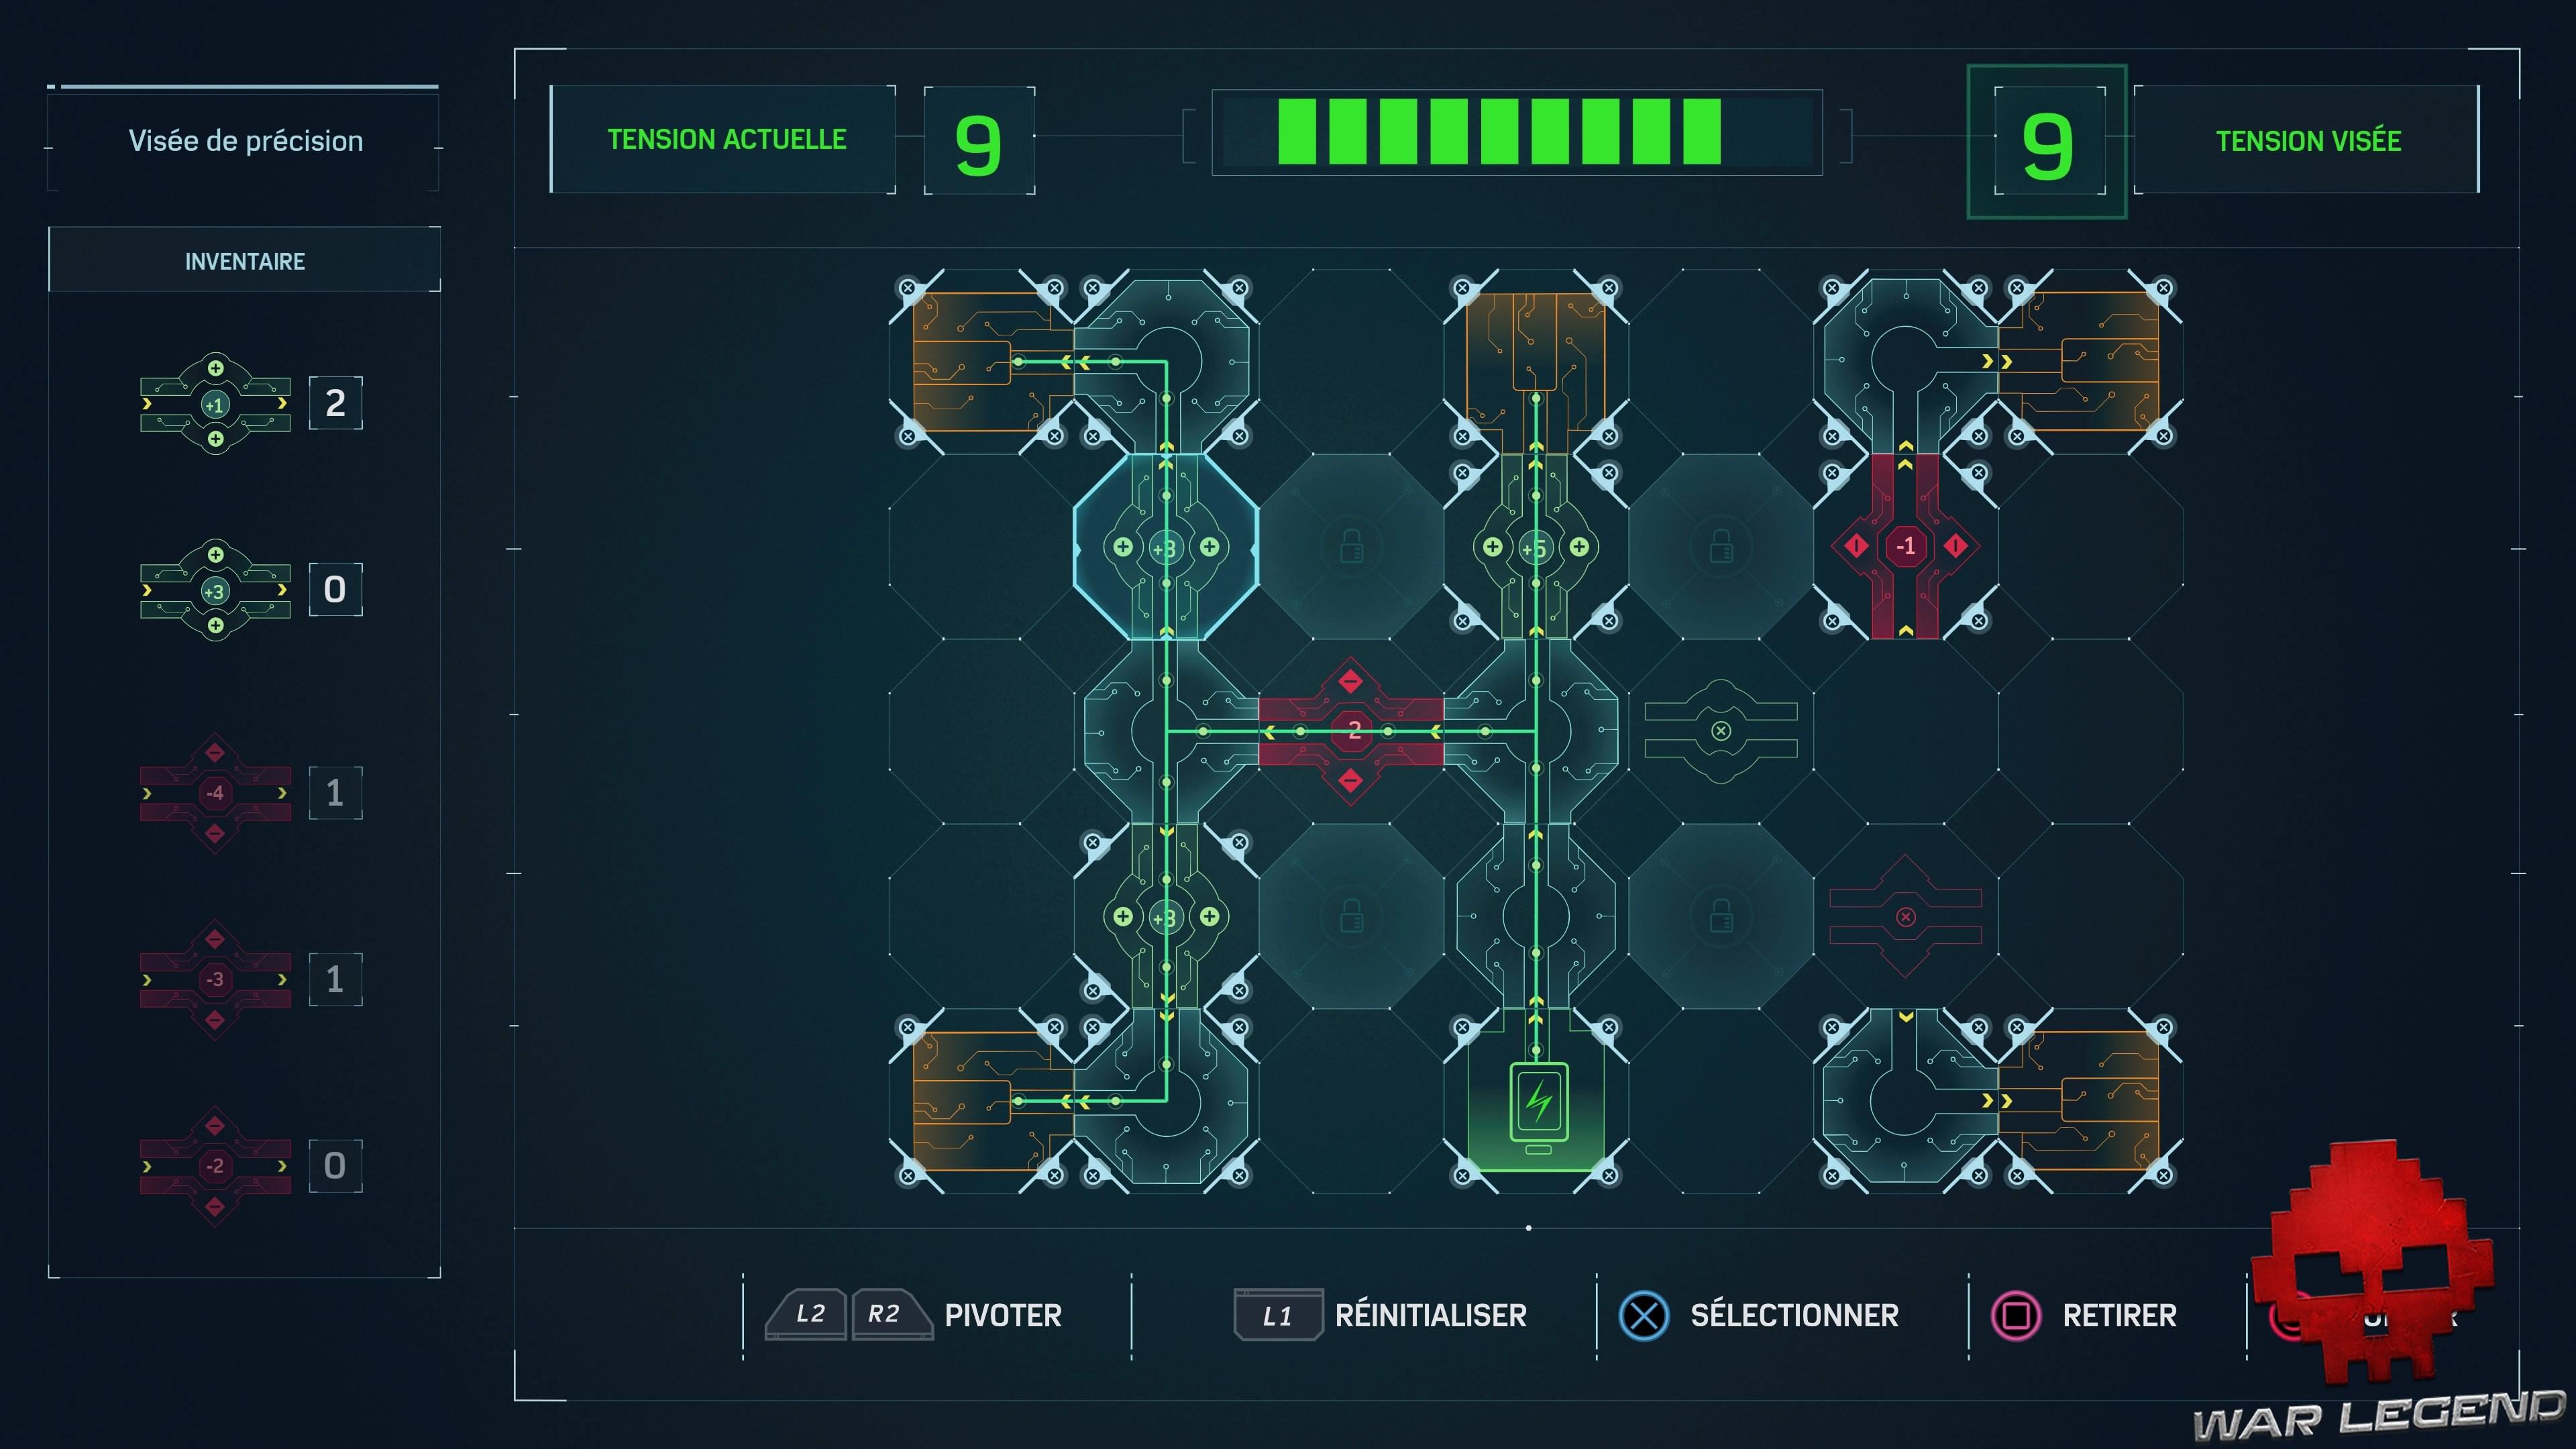 guide Spider-Man Circuits électroniques Visée de précision